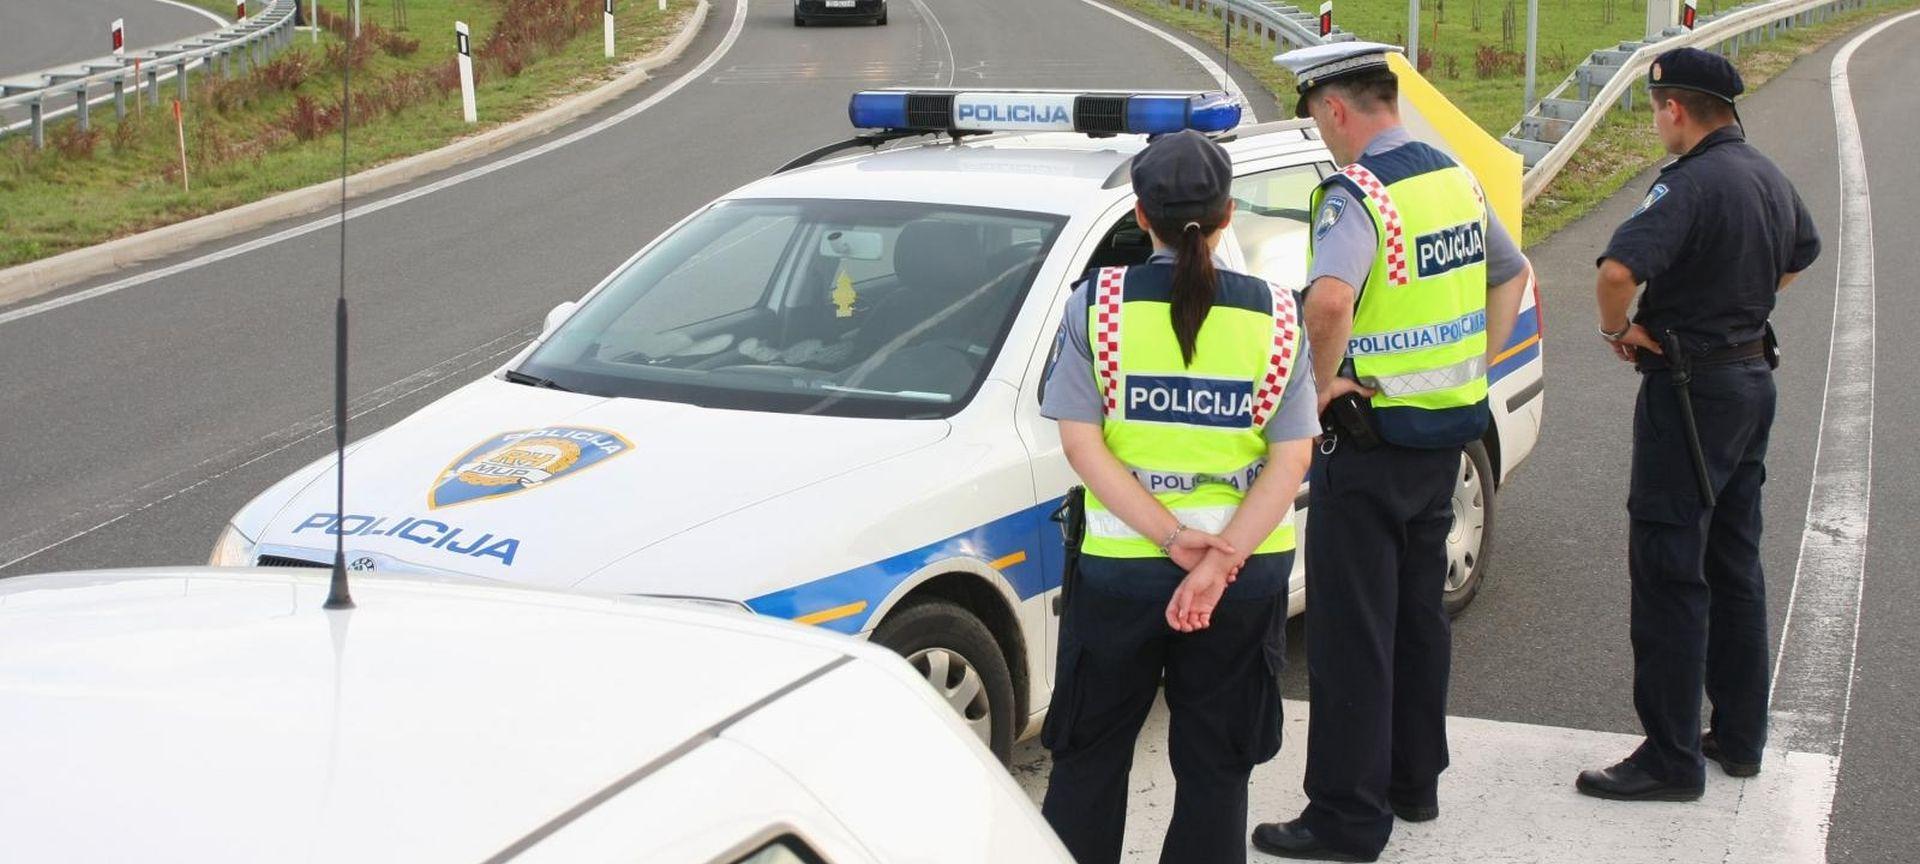 DETALJI NESREĆE Pretrčavao autocestu pa na njega naletjela dva auta